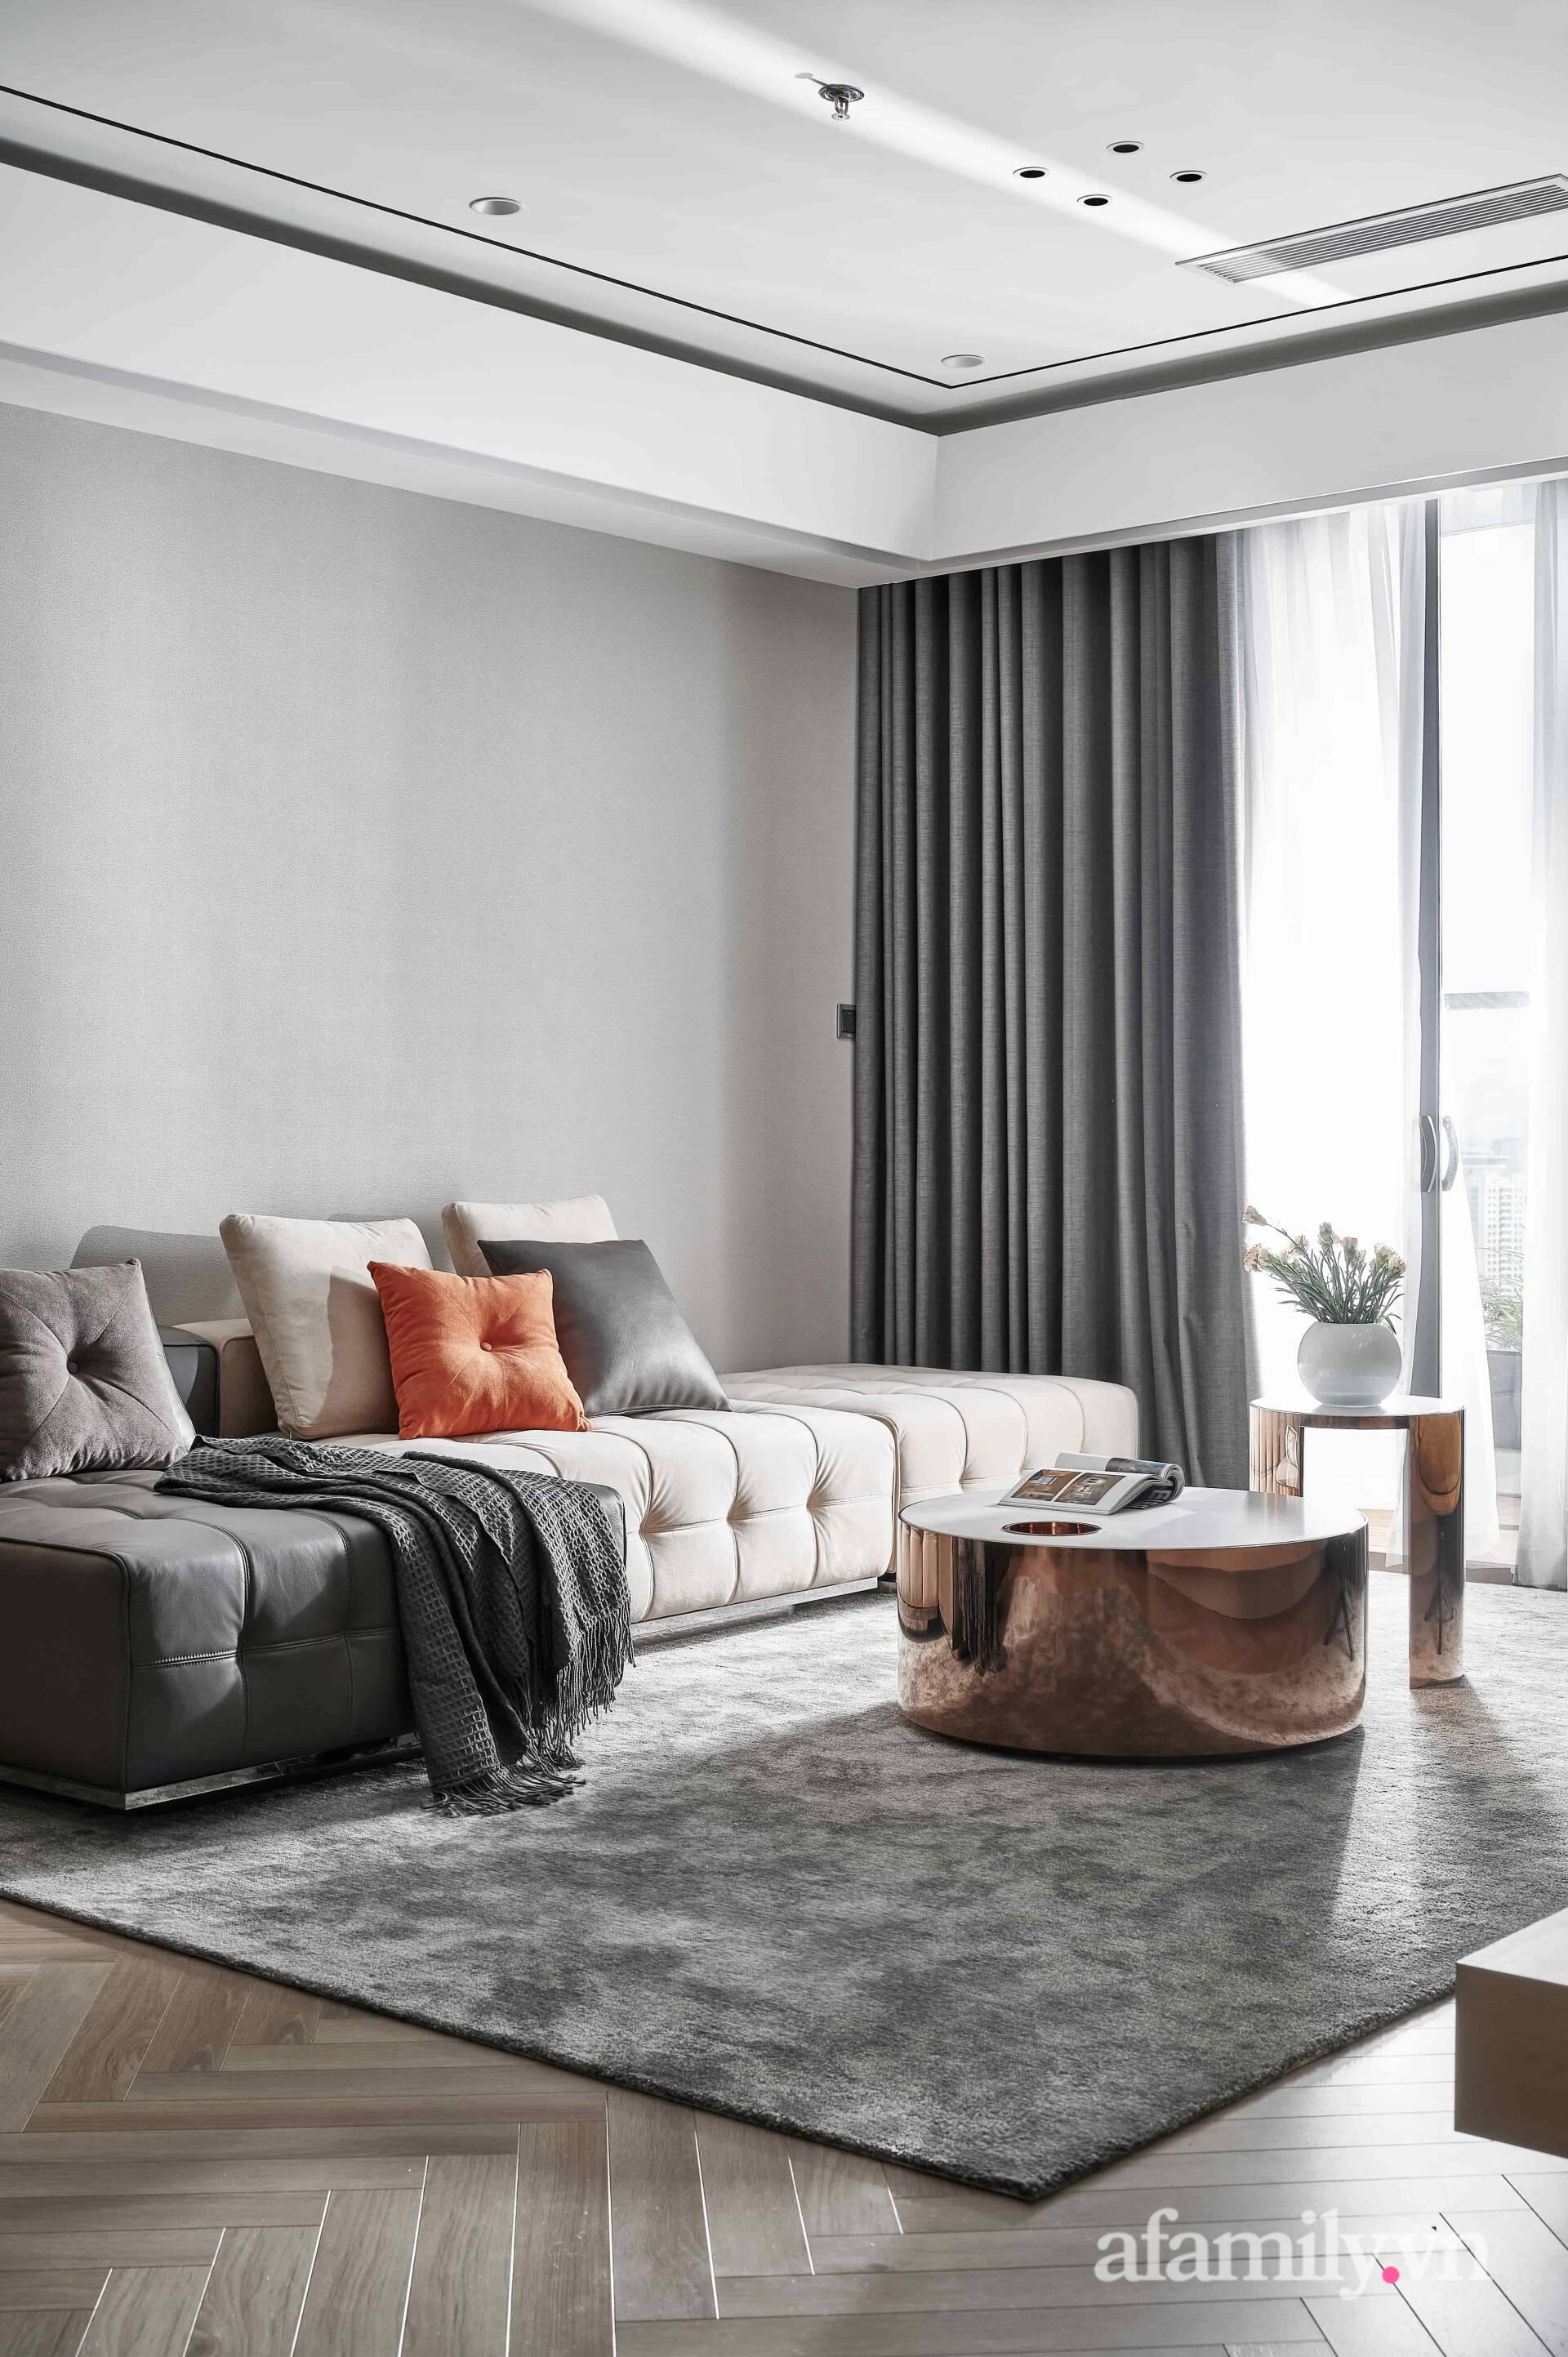 Căn hộ 100m² đẹp sang trọng với lựa chọn nội thất cao cấp ở Hà Nội - Ảnh 4.